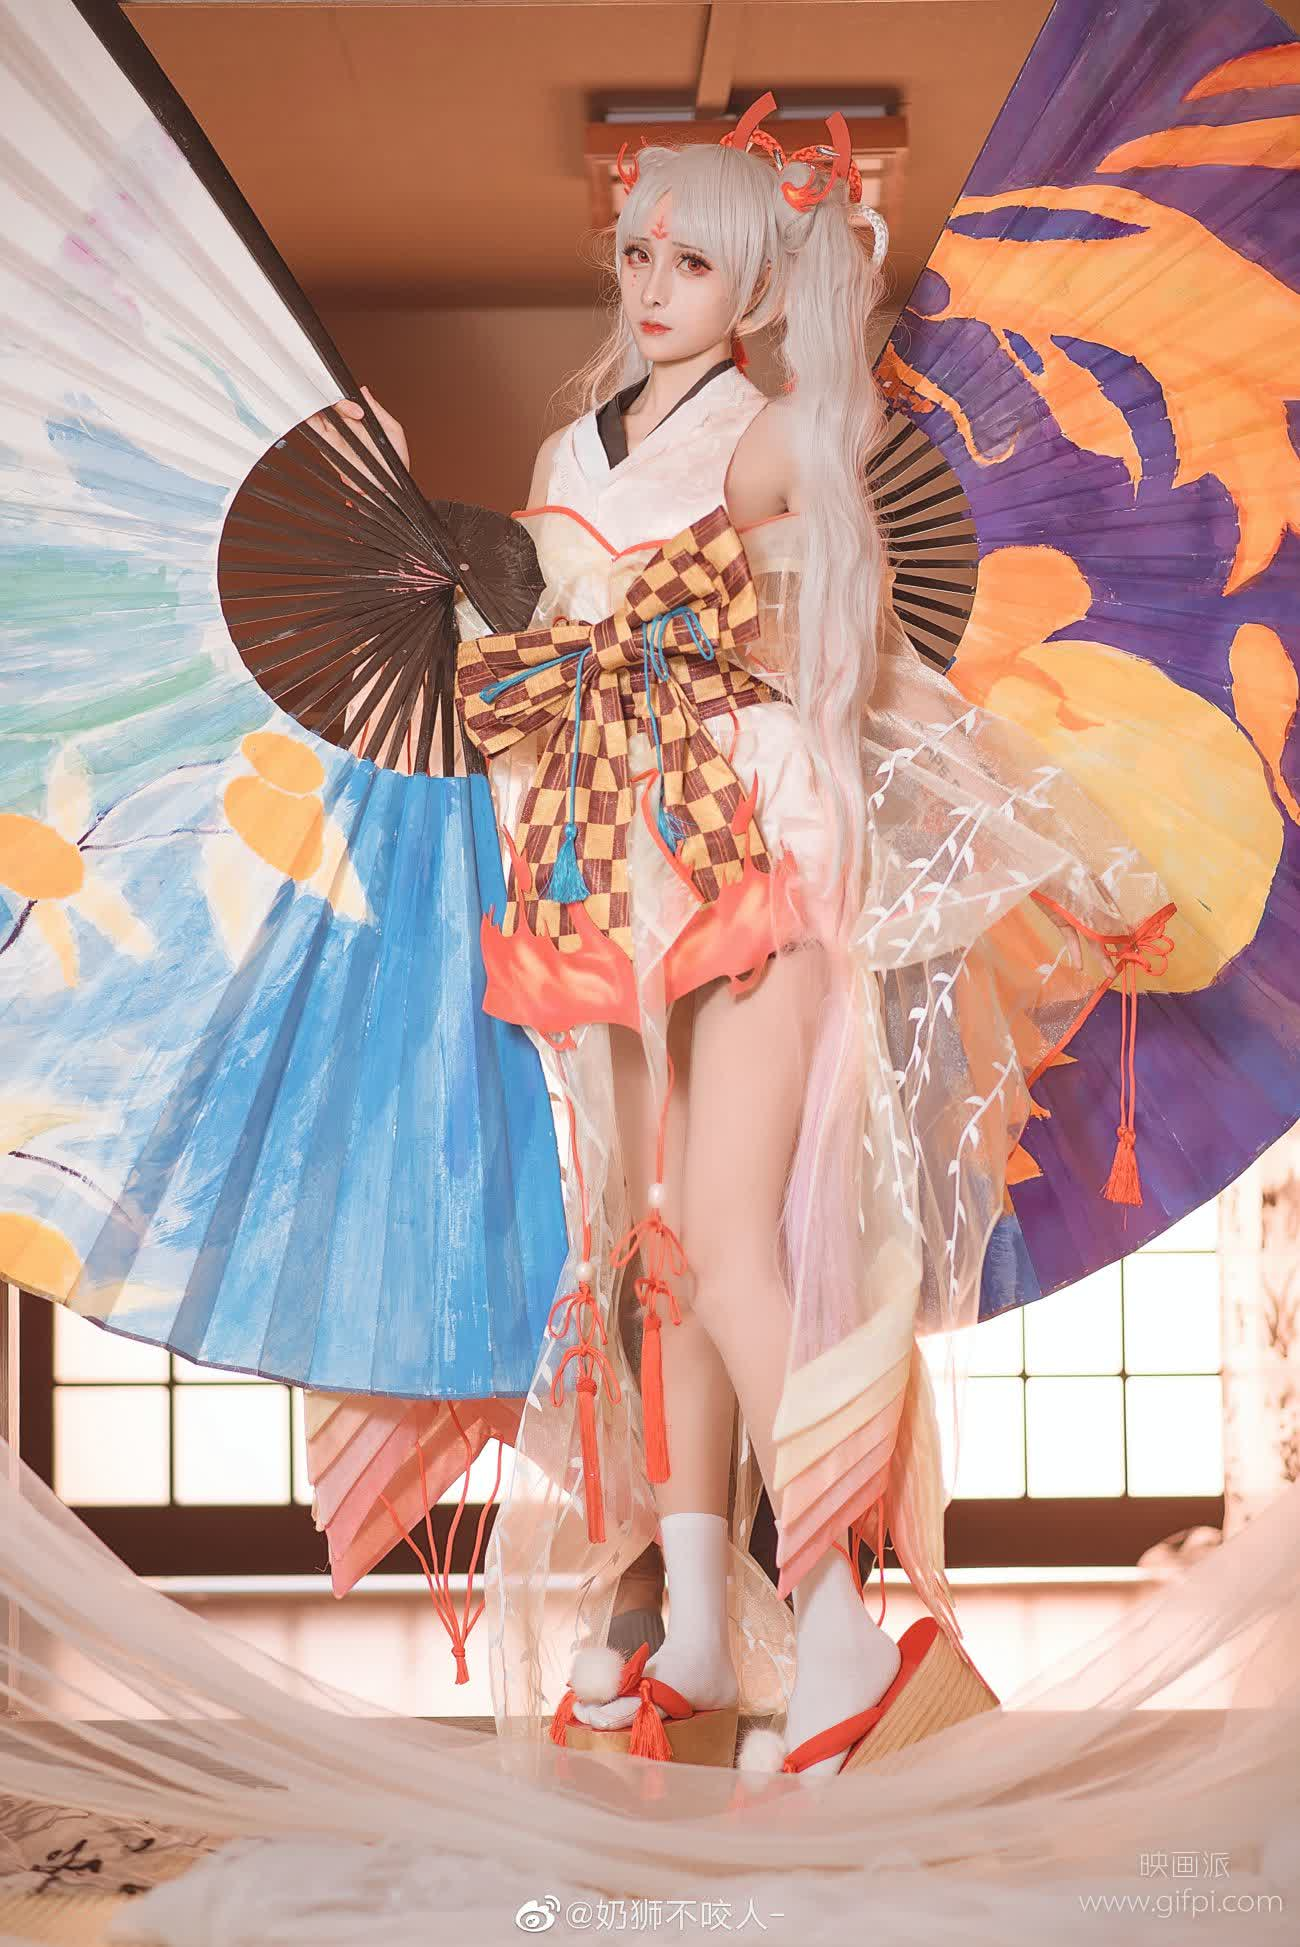 图片来源:www.gifpi.com